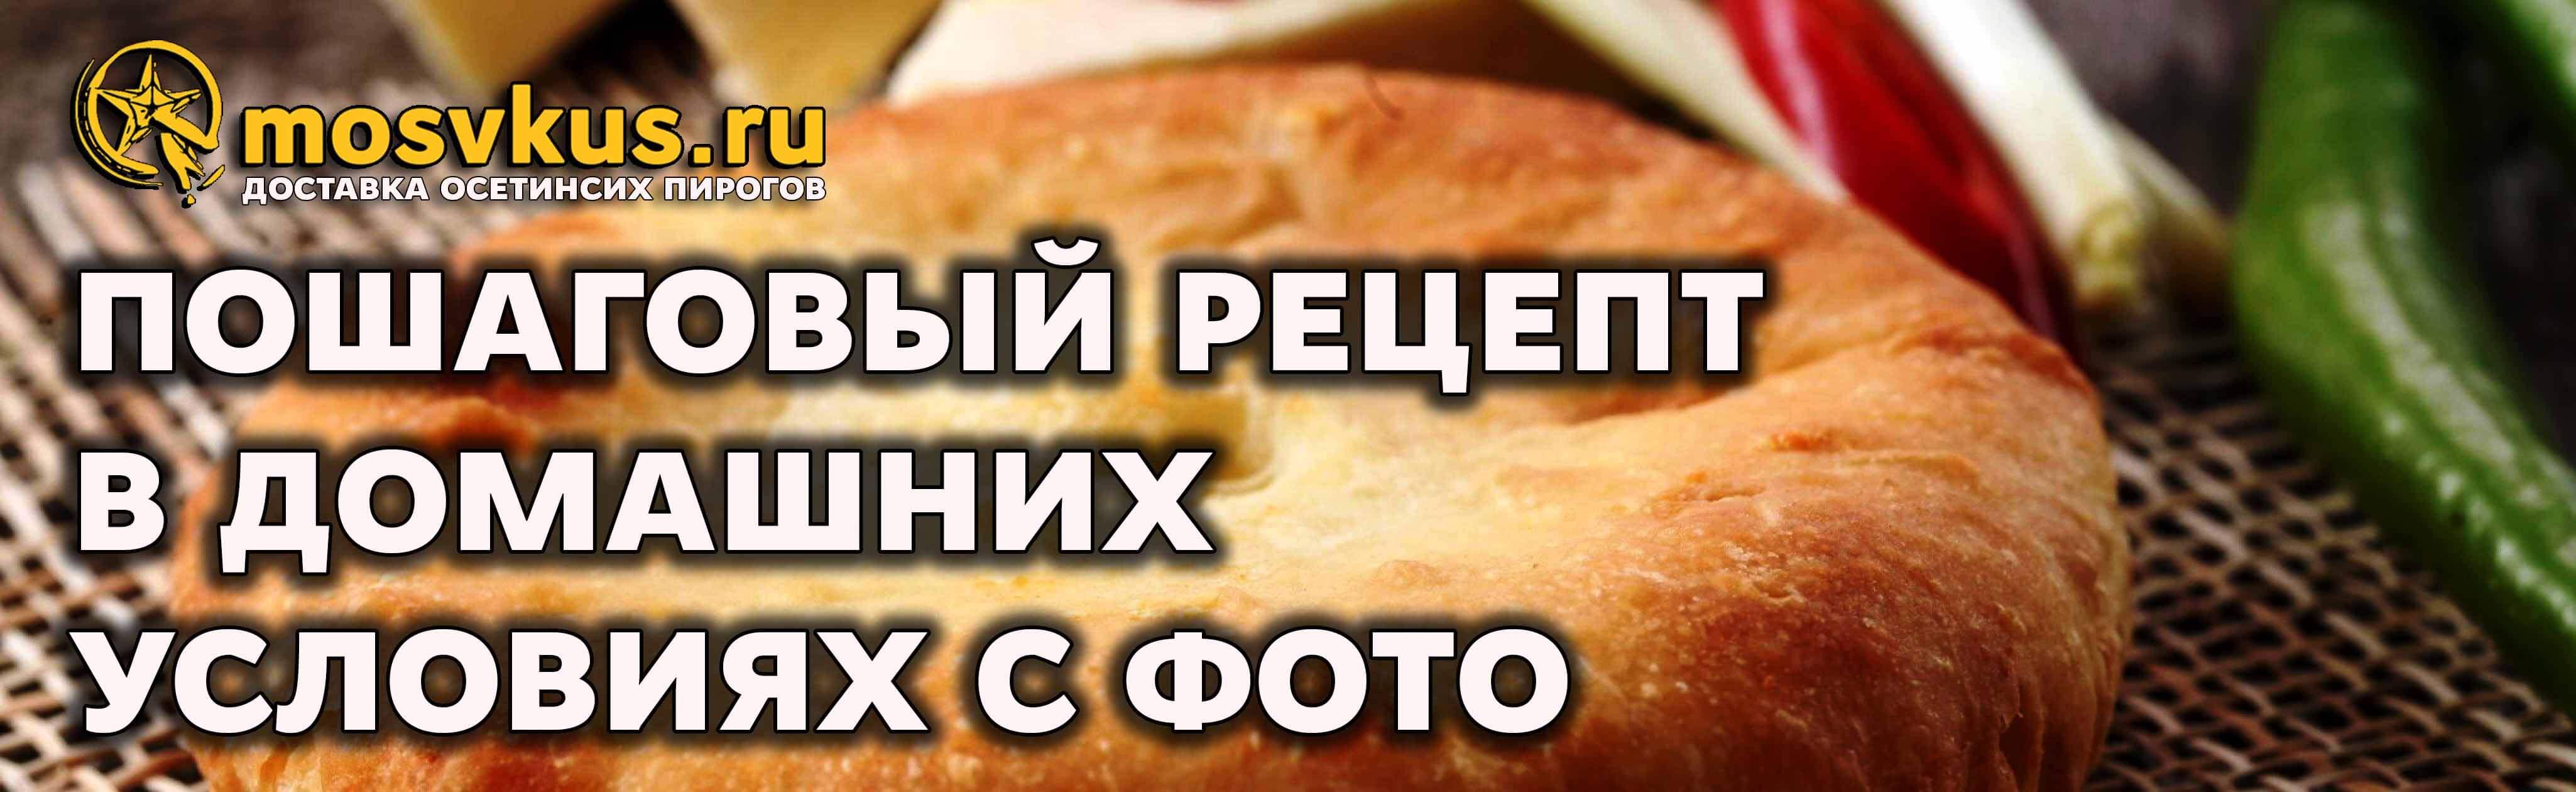 осетинские пироги рецепт в домашних условиях